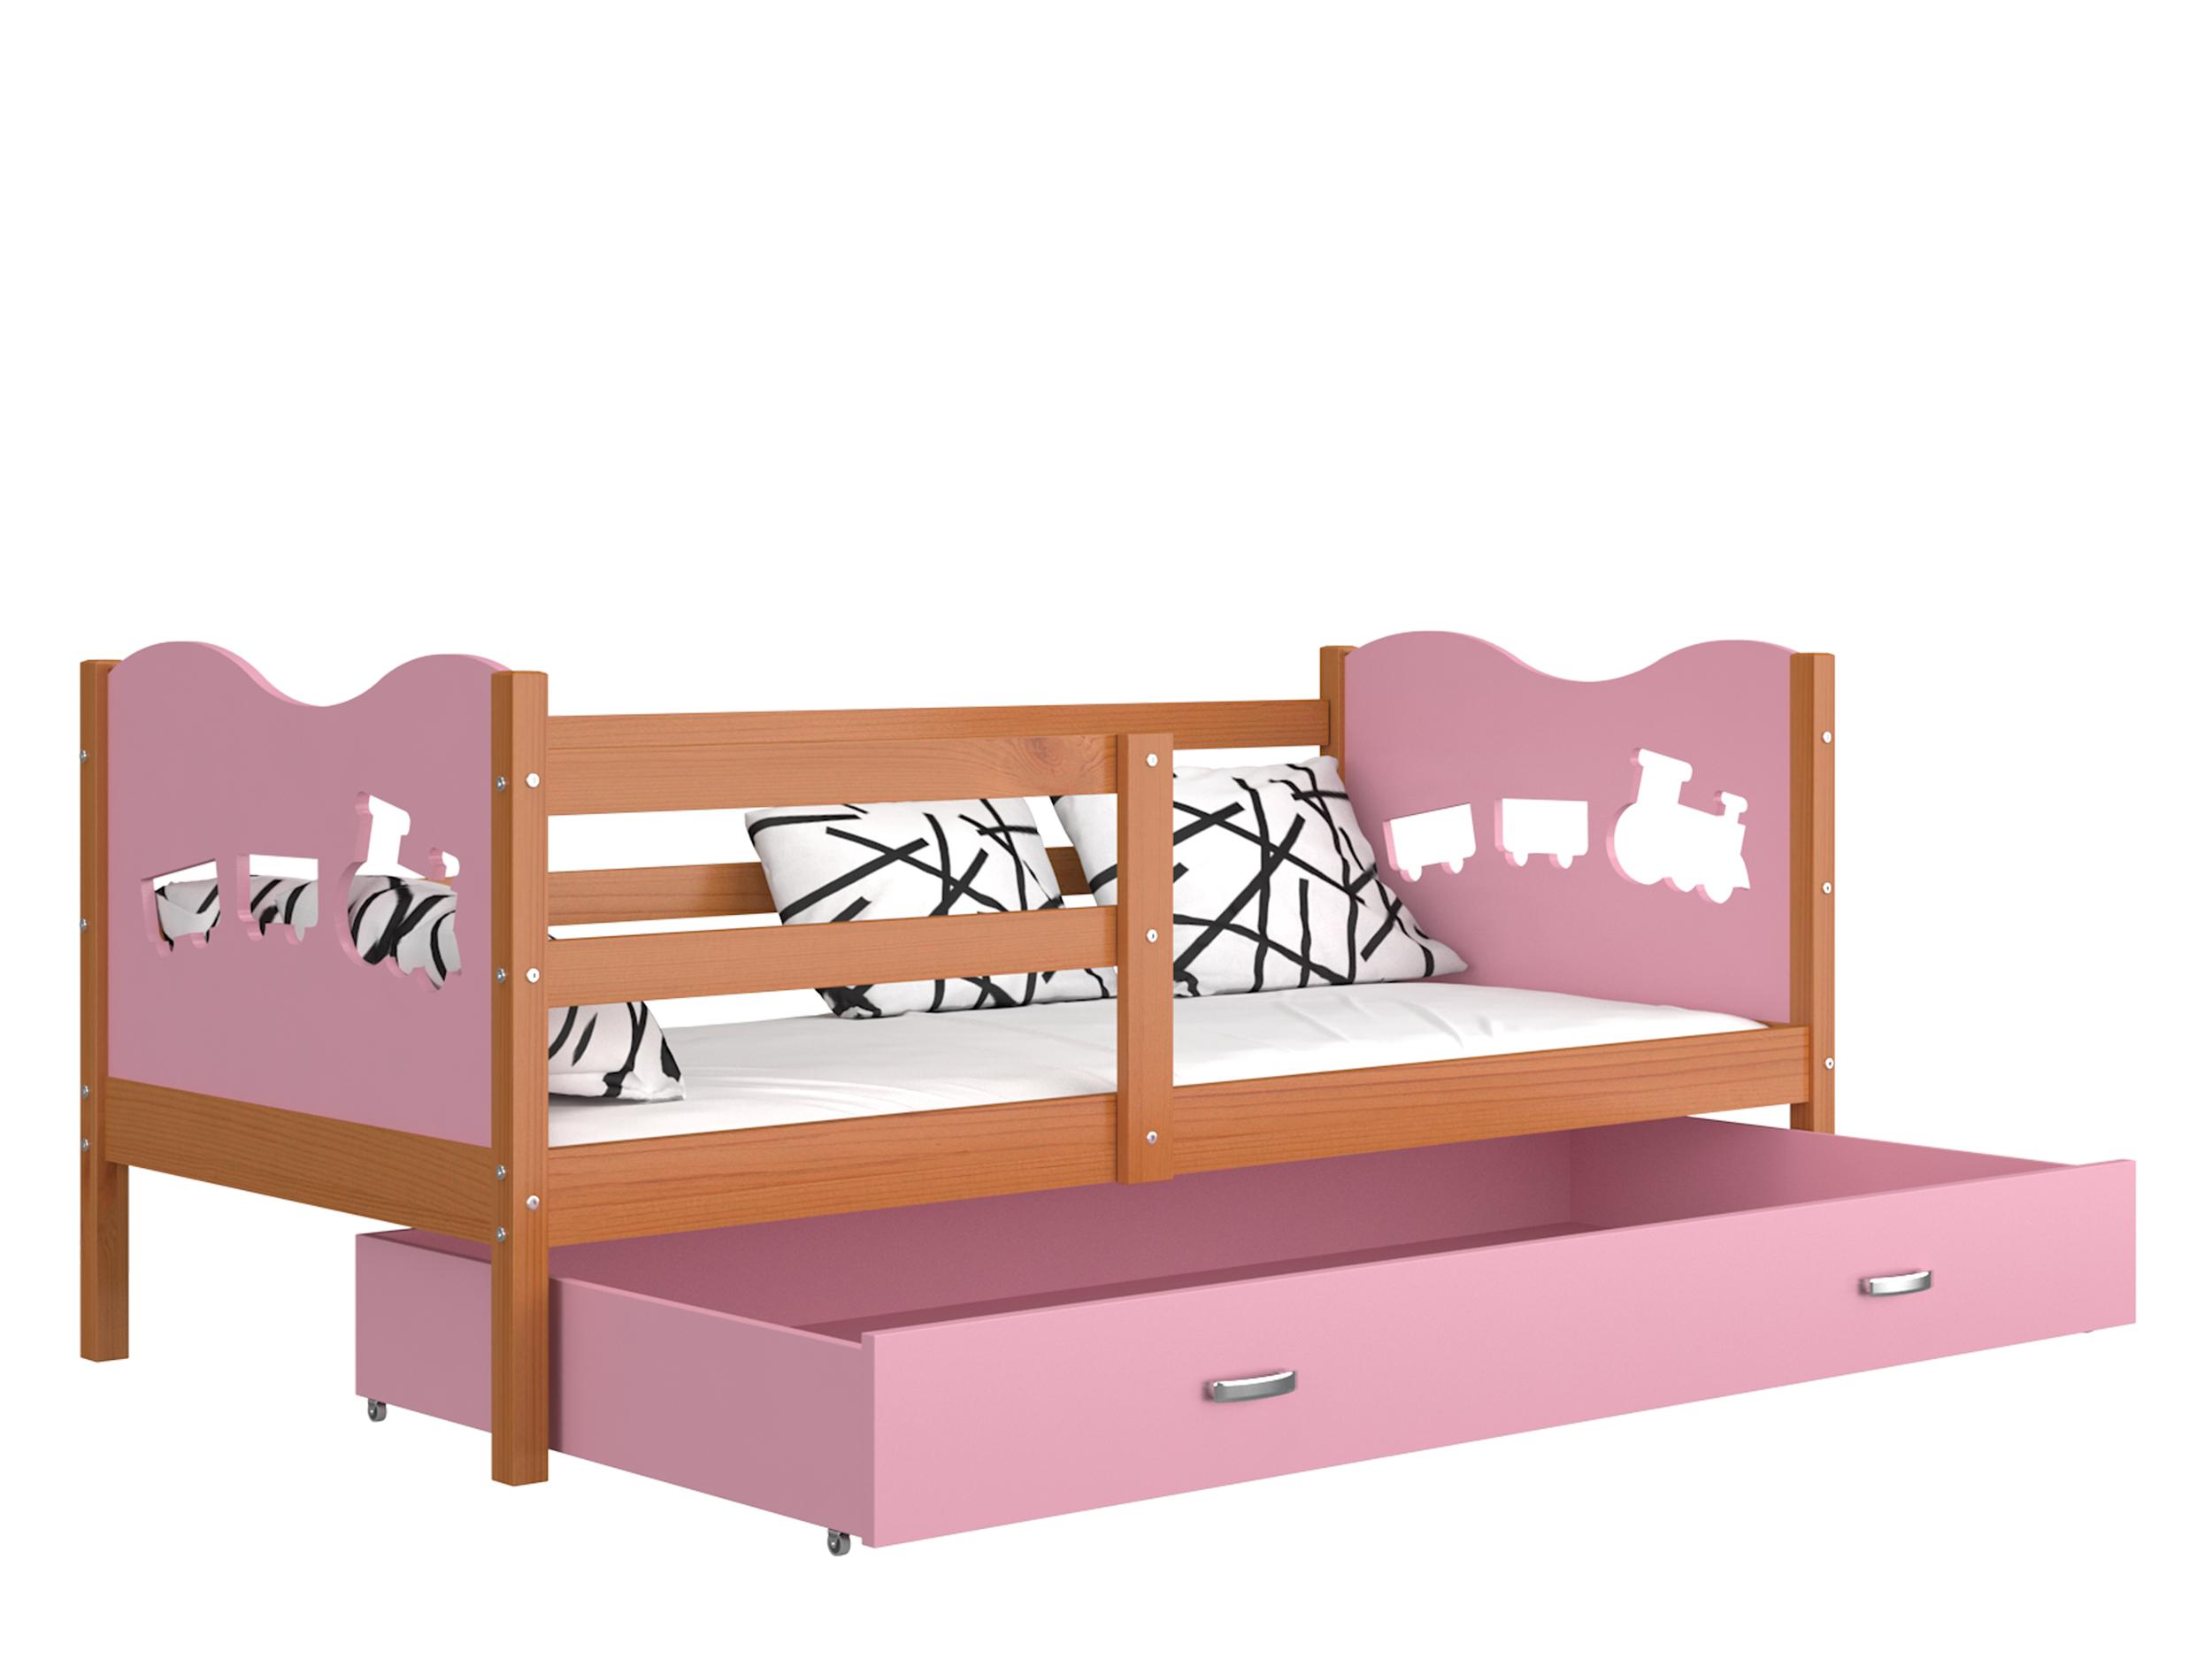 ArtAJ Detská posteľ MAX P drevo / MDF 160 x 80 cm Farba: jelša / ružová 160 x 80 cm, s matracom